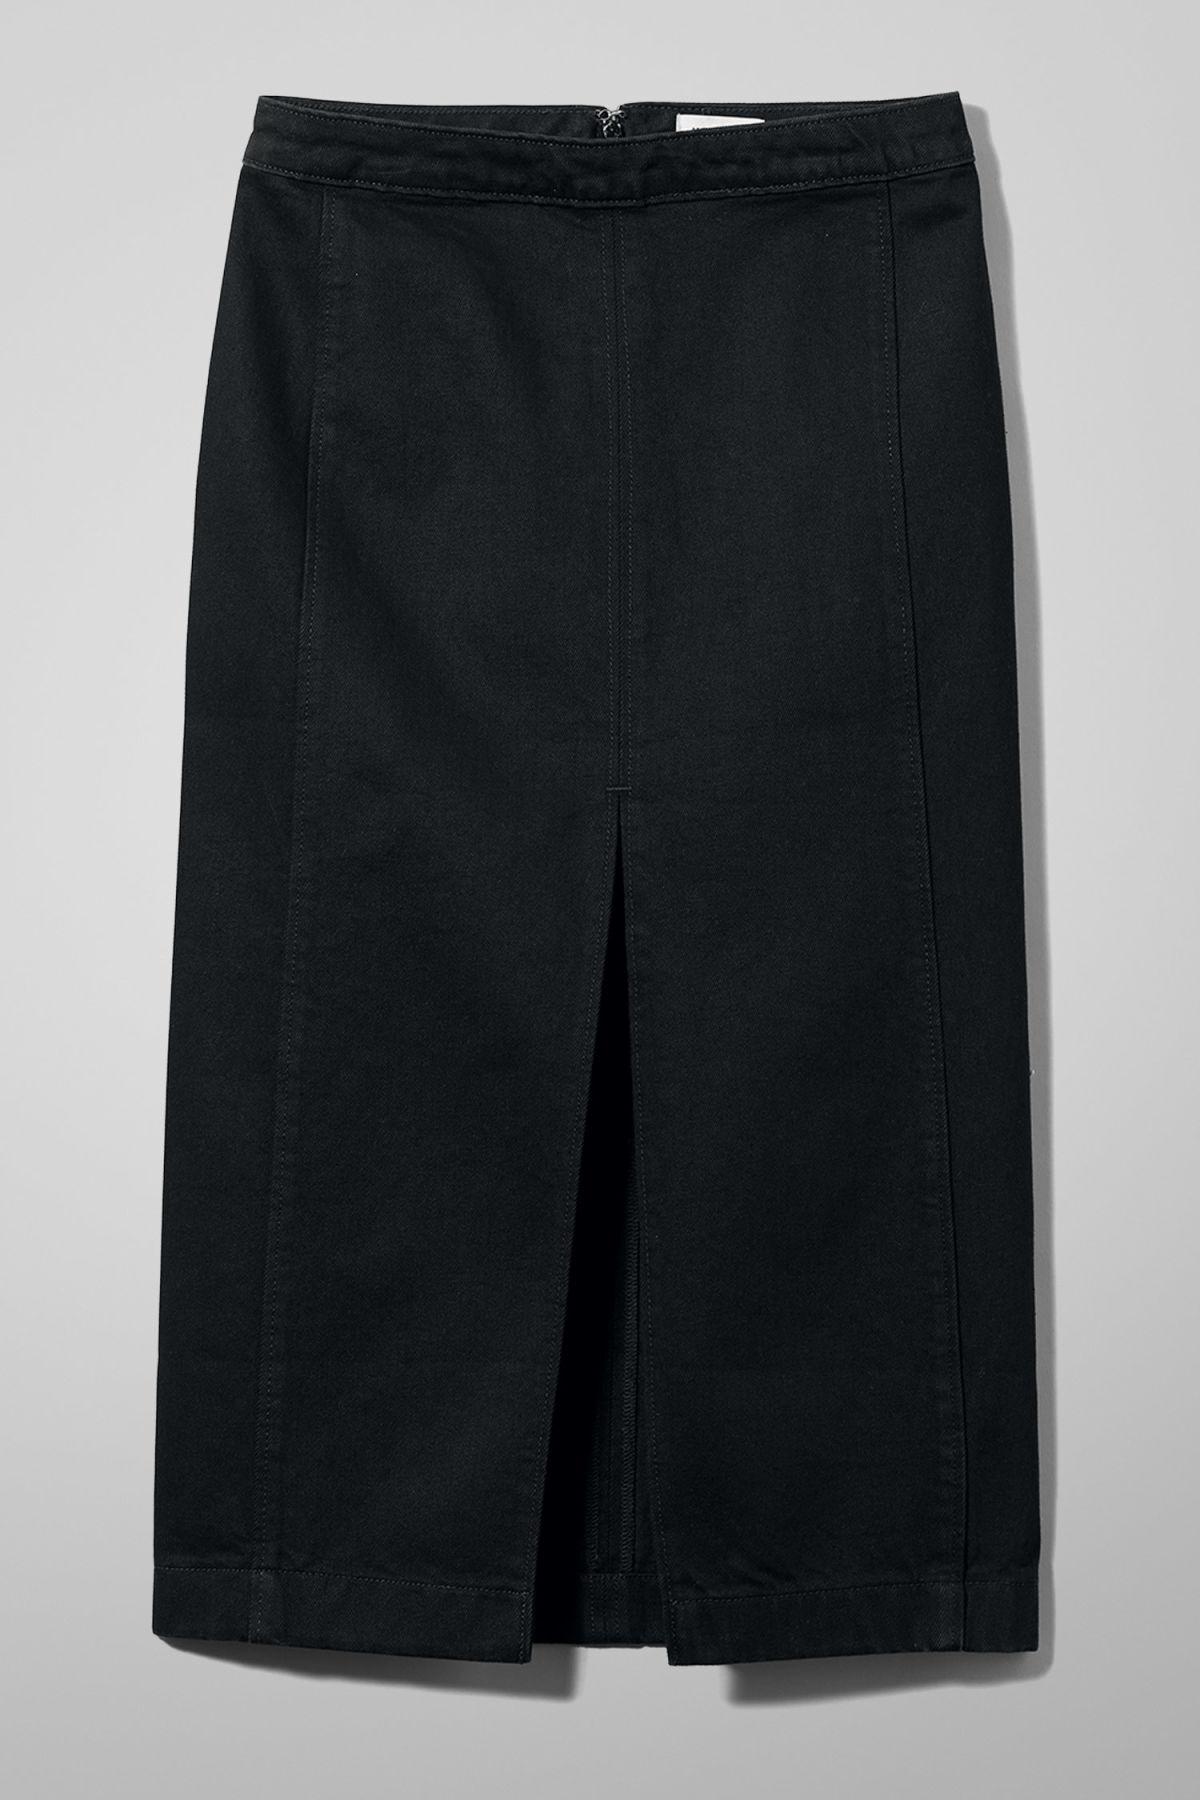 Some Tuned Black Denim Skirt - Black